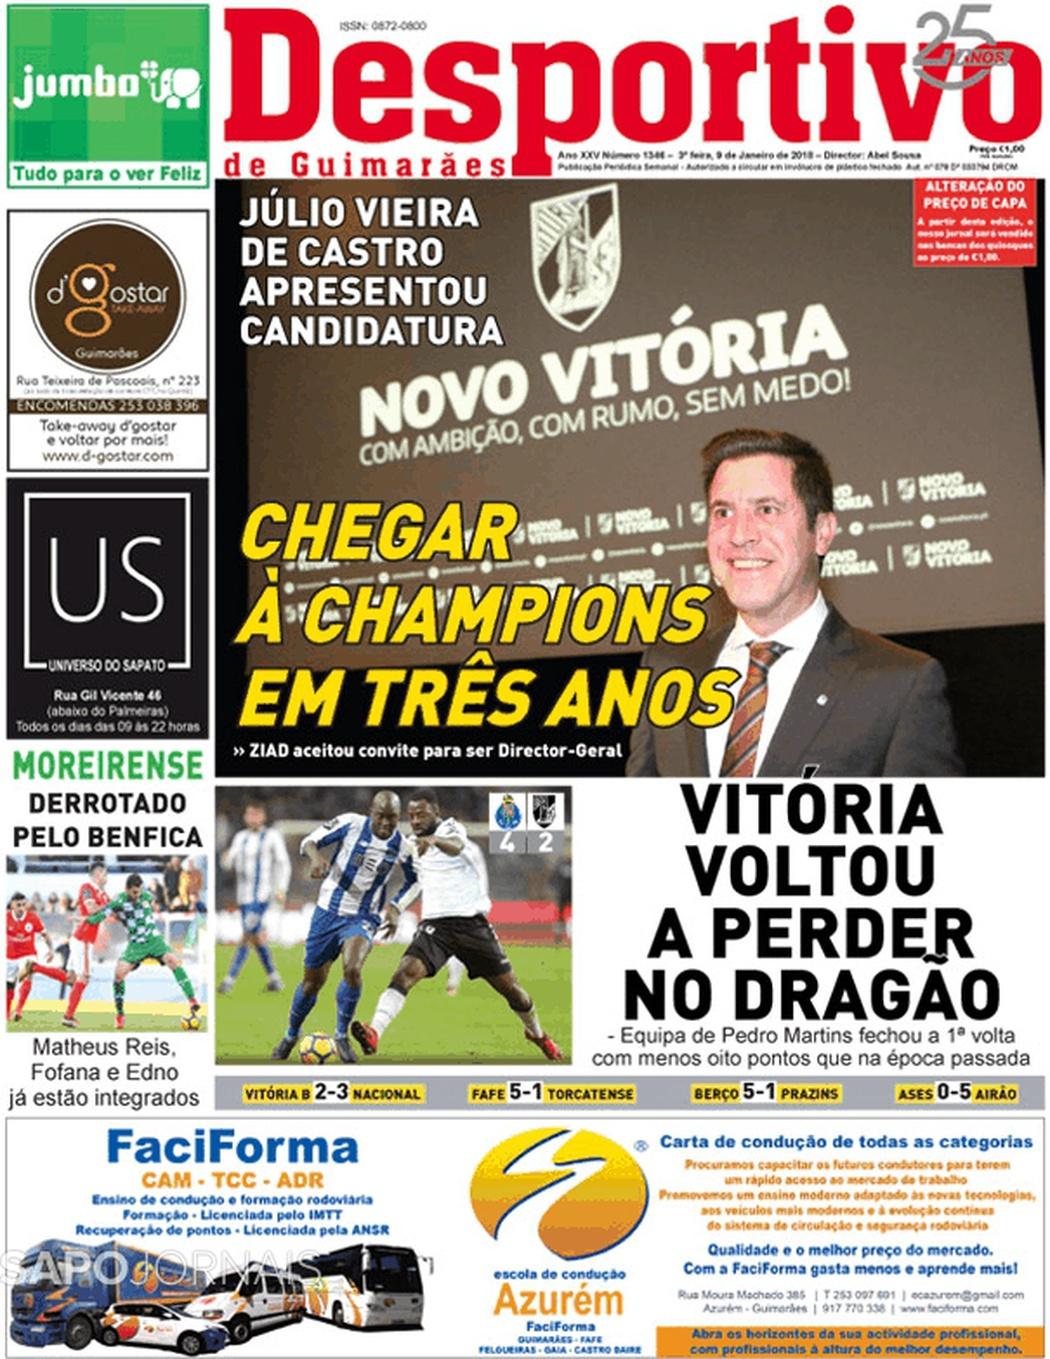 Banca De Jornais Desportivo De Guimarães 09 01 2018 Futebol 365